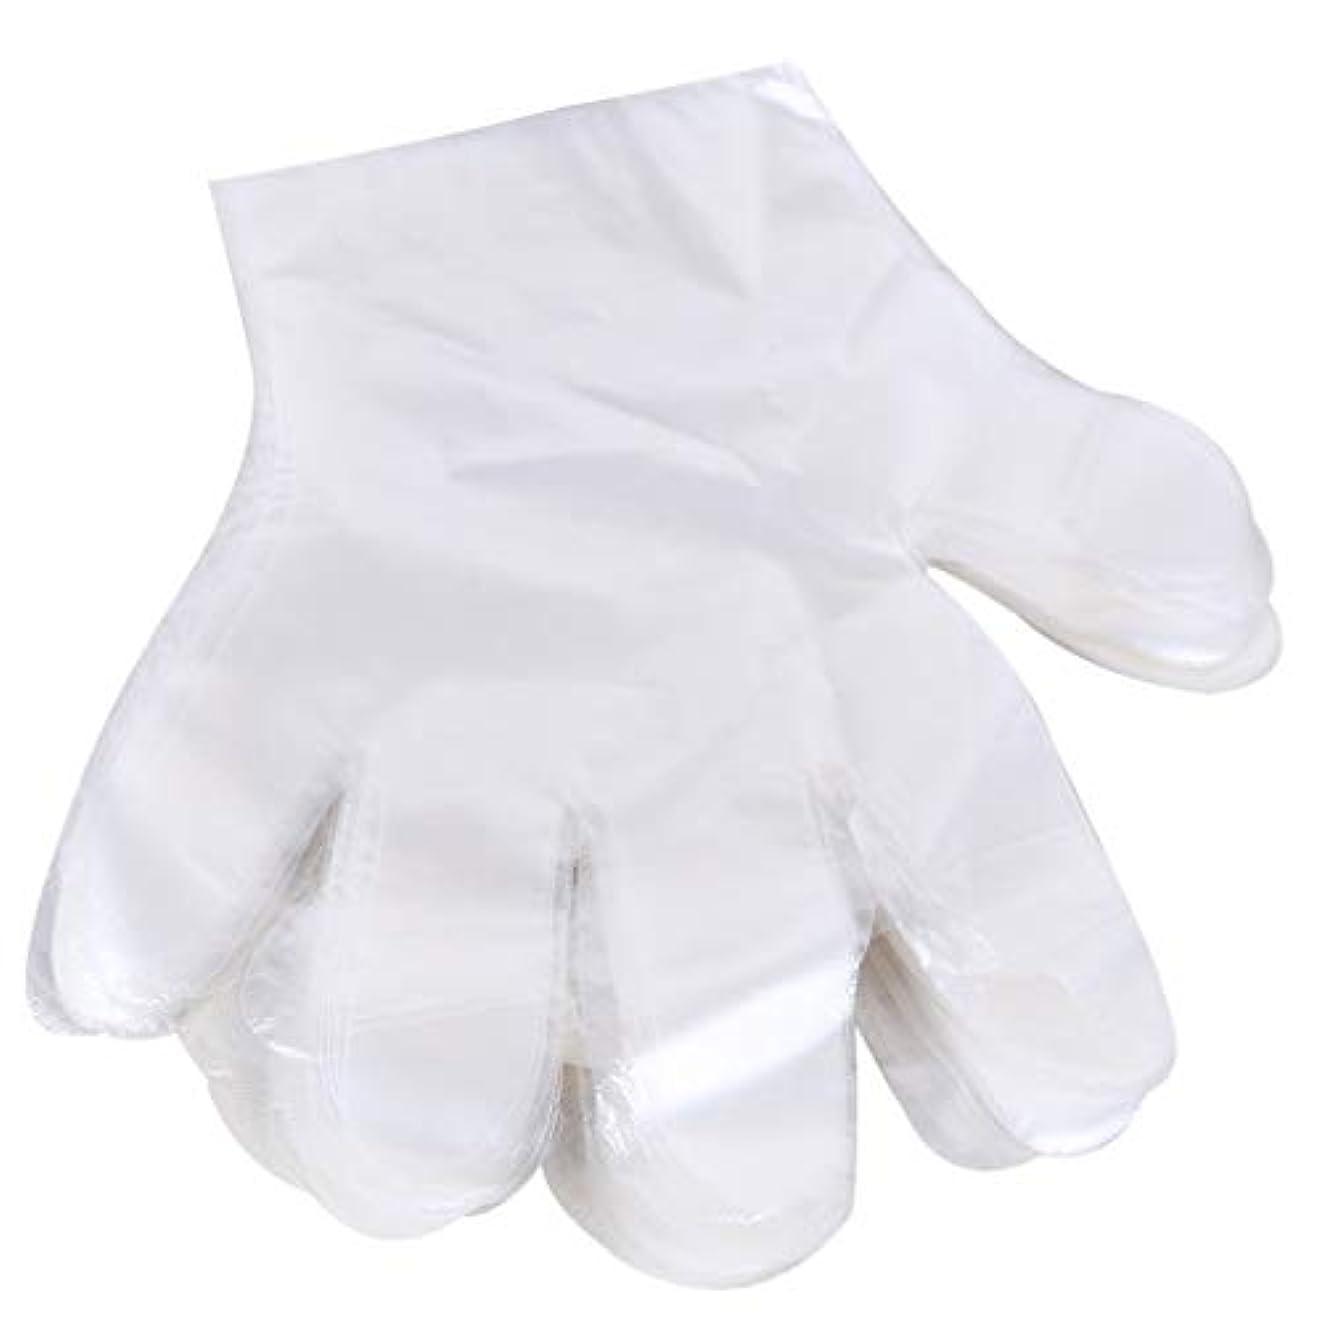 普及衝突コース習字1000 使い捨て手袋、ケータリングヘアマスク食品ロブスター厚い透明プラスチックpeフィルム手袋透明カバー YANW